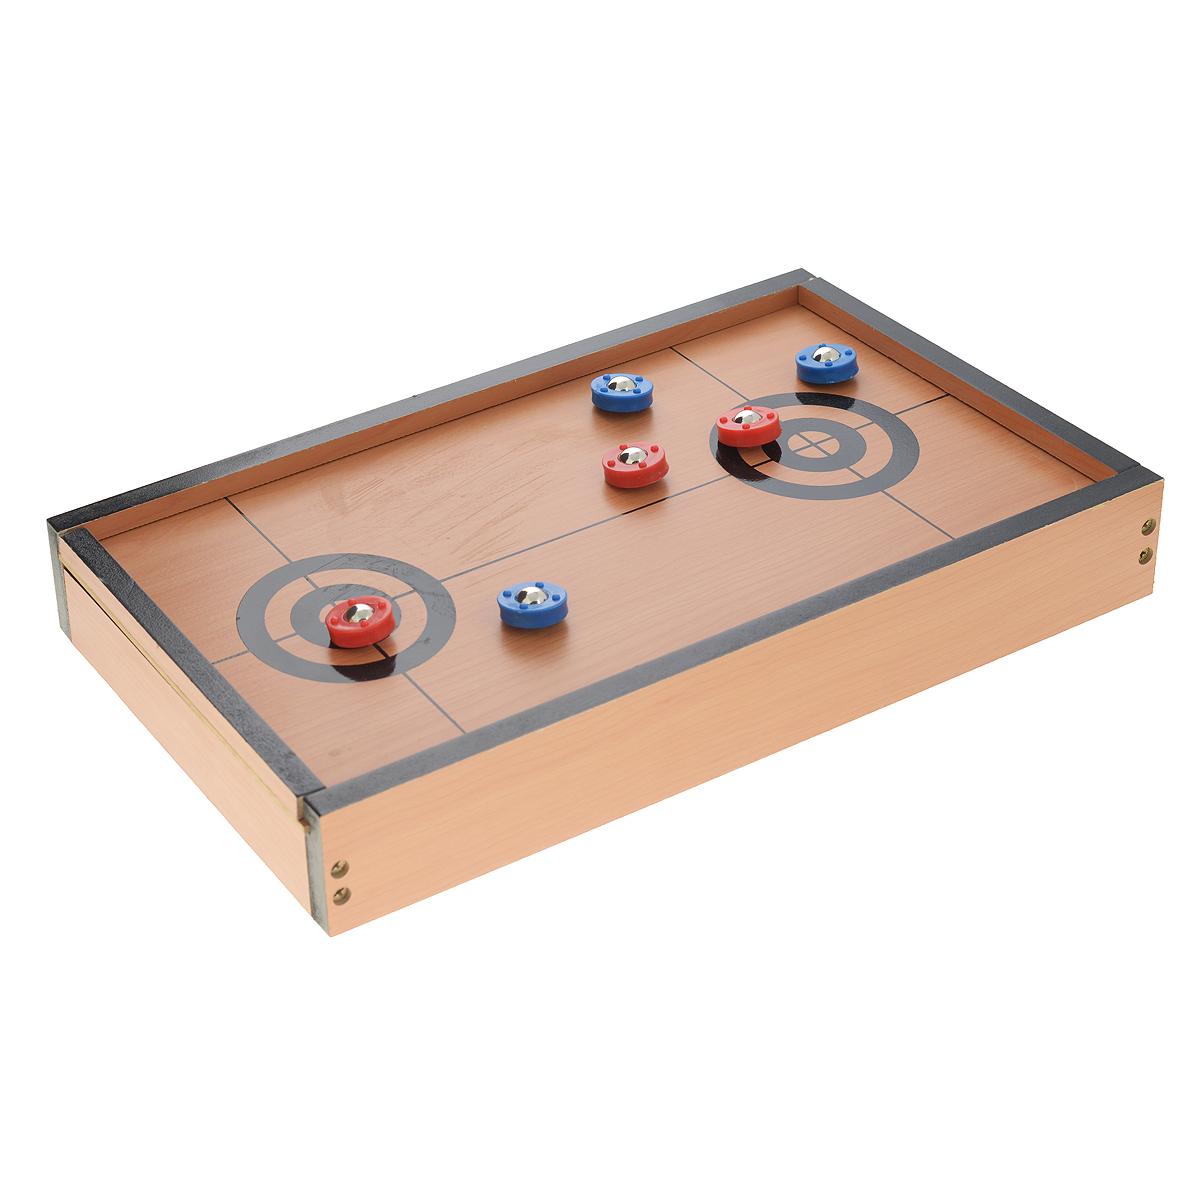 Игра настольная Русские Подарки Керлинг, размер: 40*23*6 см. 4233042330Настольная игра Русские Подарки Керлинг, выполненная из MDF, очень увлекательна и понравится как детям, так и взрослым. В комплект игры входят: подставка с игровым полем, шесть камней (три синих и три красных, выполненных из пластика с металлическим шаром внутри), инструкция на русском языке. Камни хранятся в специальном отсеке под игровым полем. Цель игры - по окончанию игры ваш камень должен стоять ближе к центру дальнего круга, чем камень соперника. Не рекомендуется детям до 3-х лет.